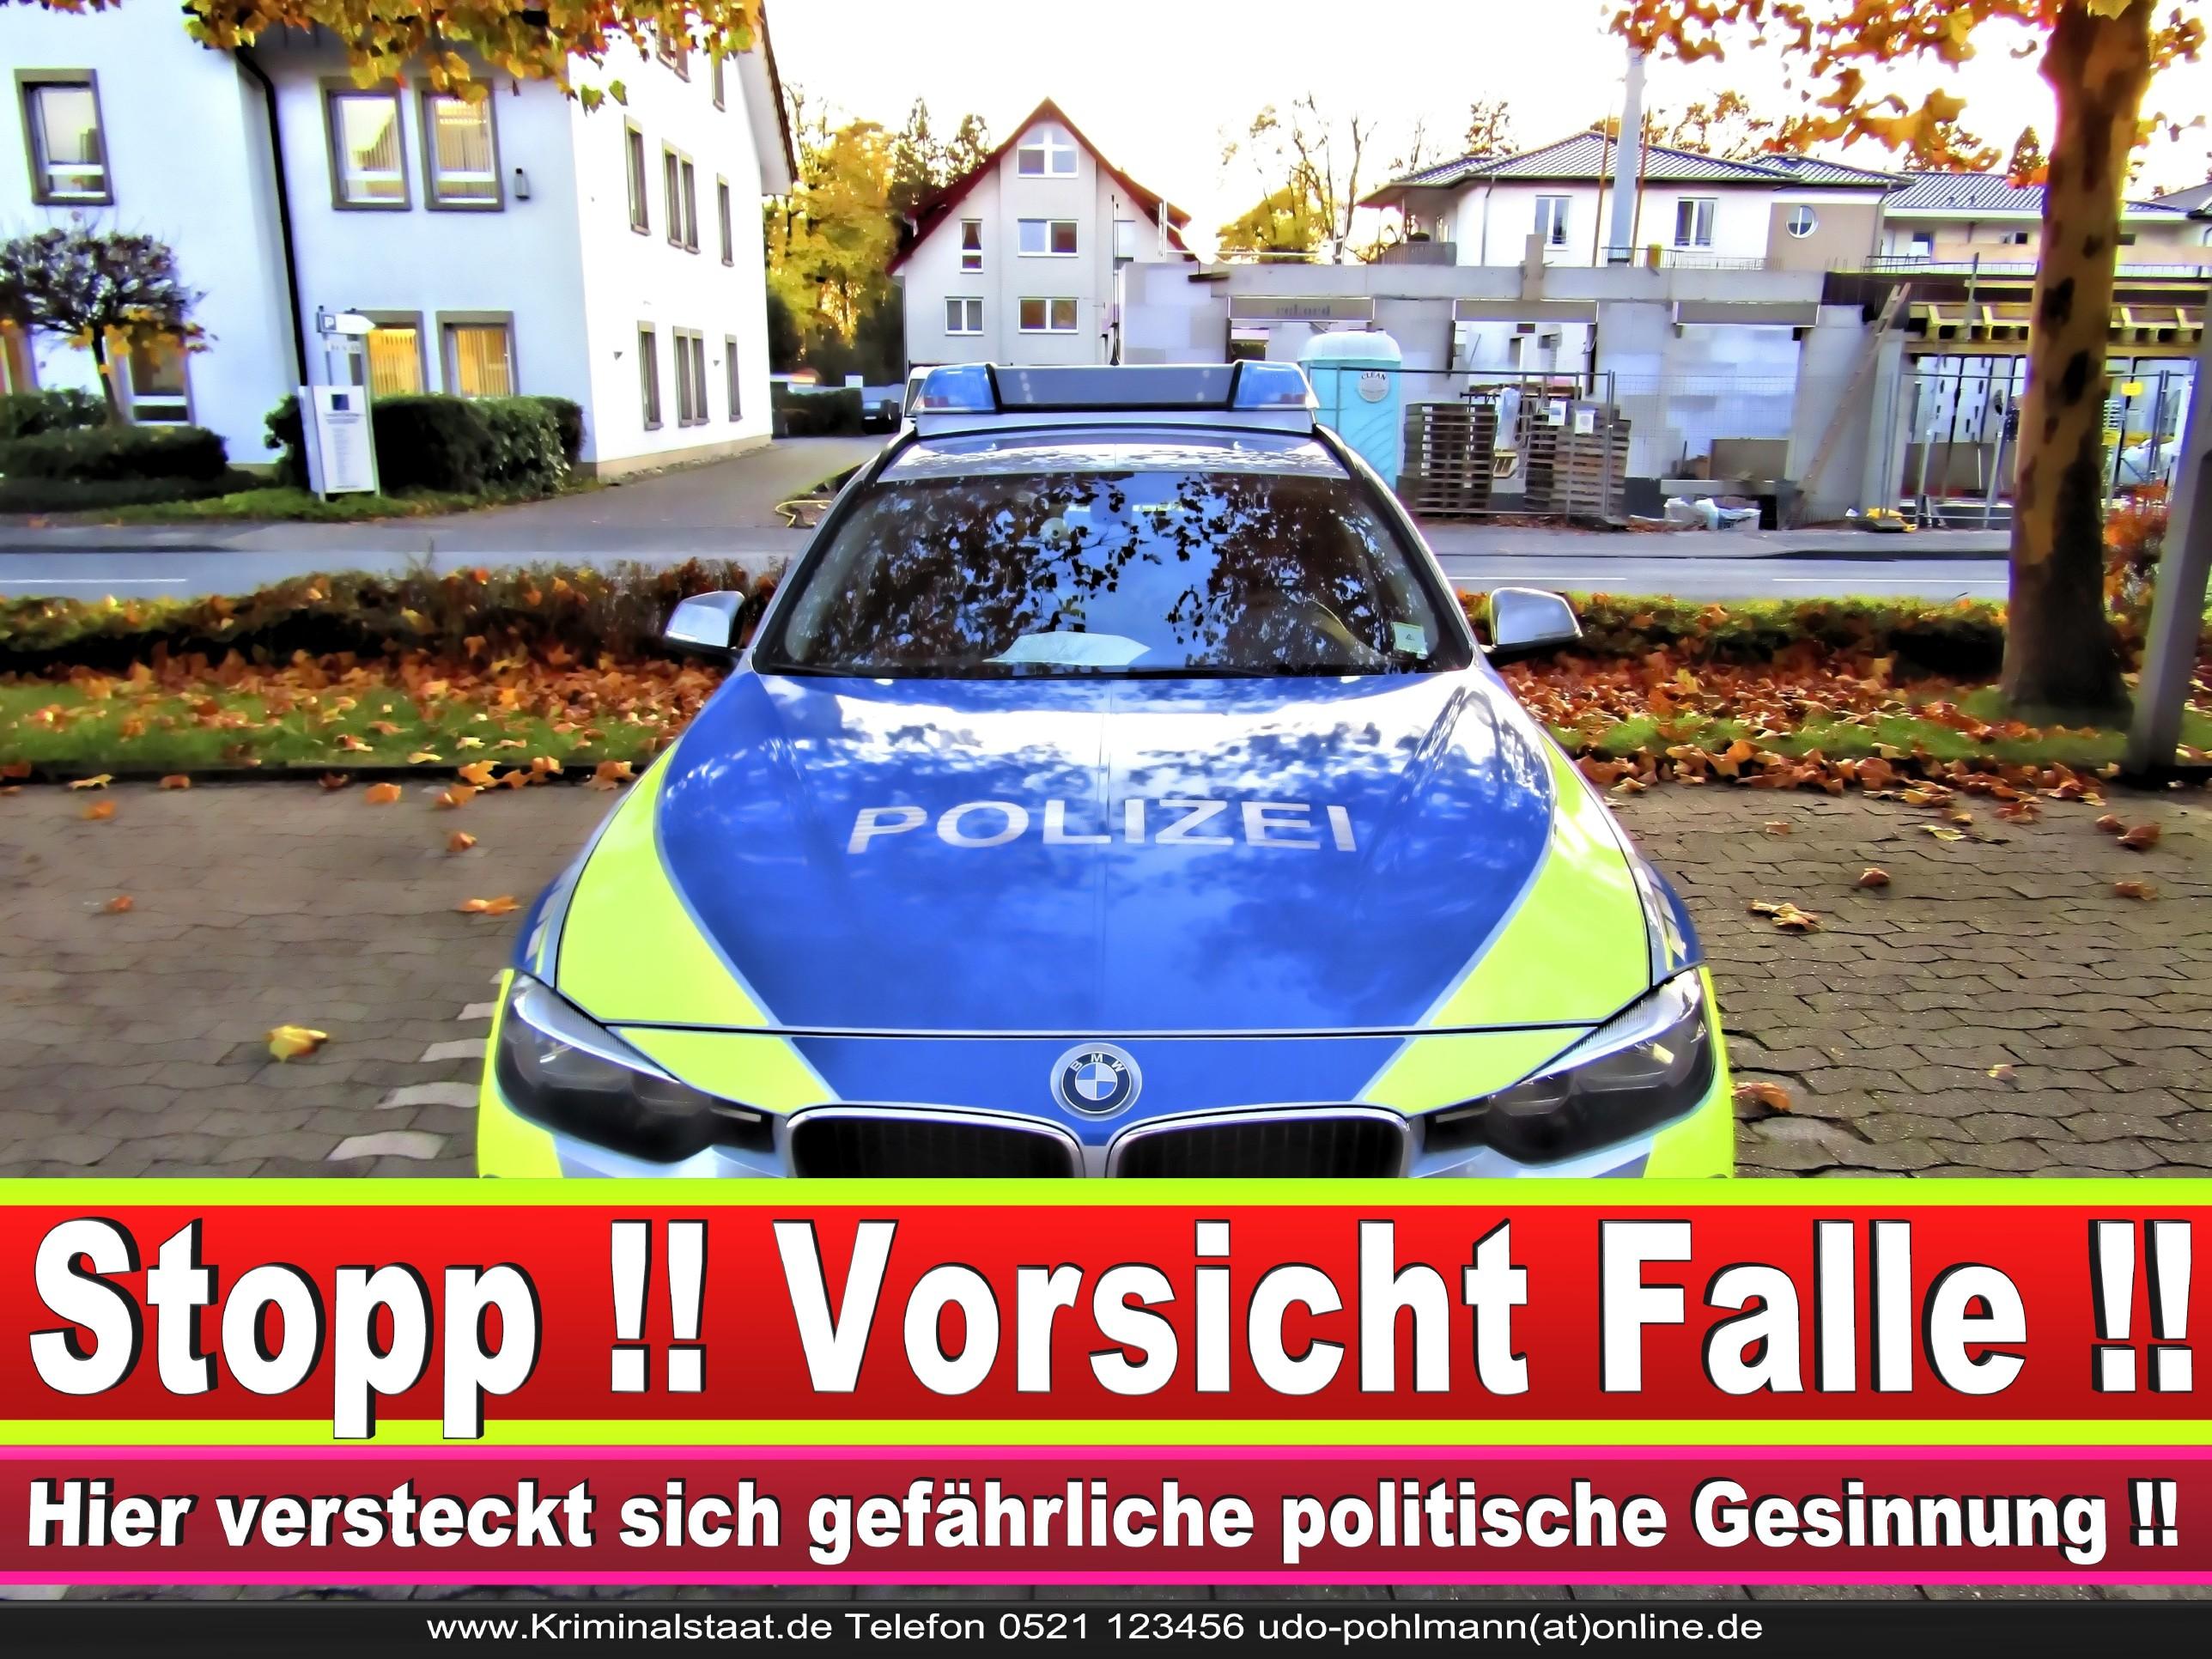 Polizei Halle Westfalen Kättkenstraße 7 33790 Halle Westfalen 10